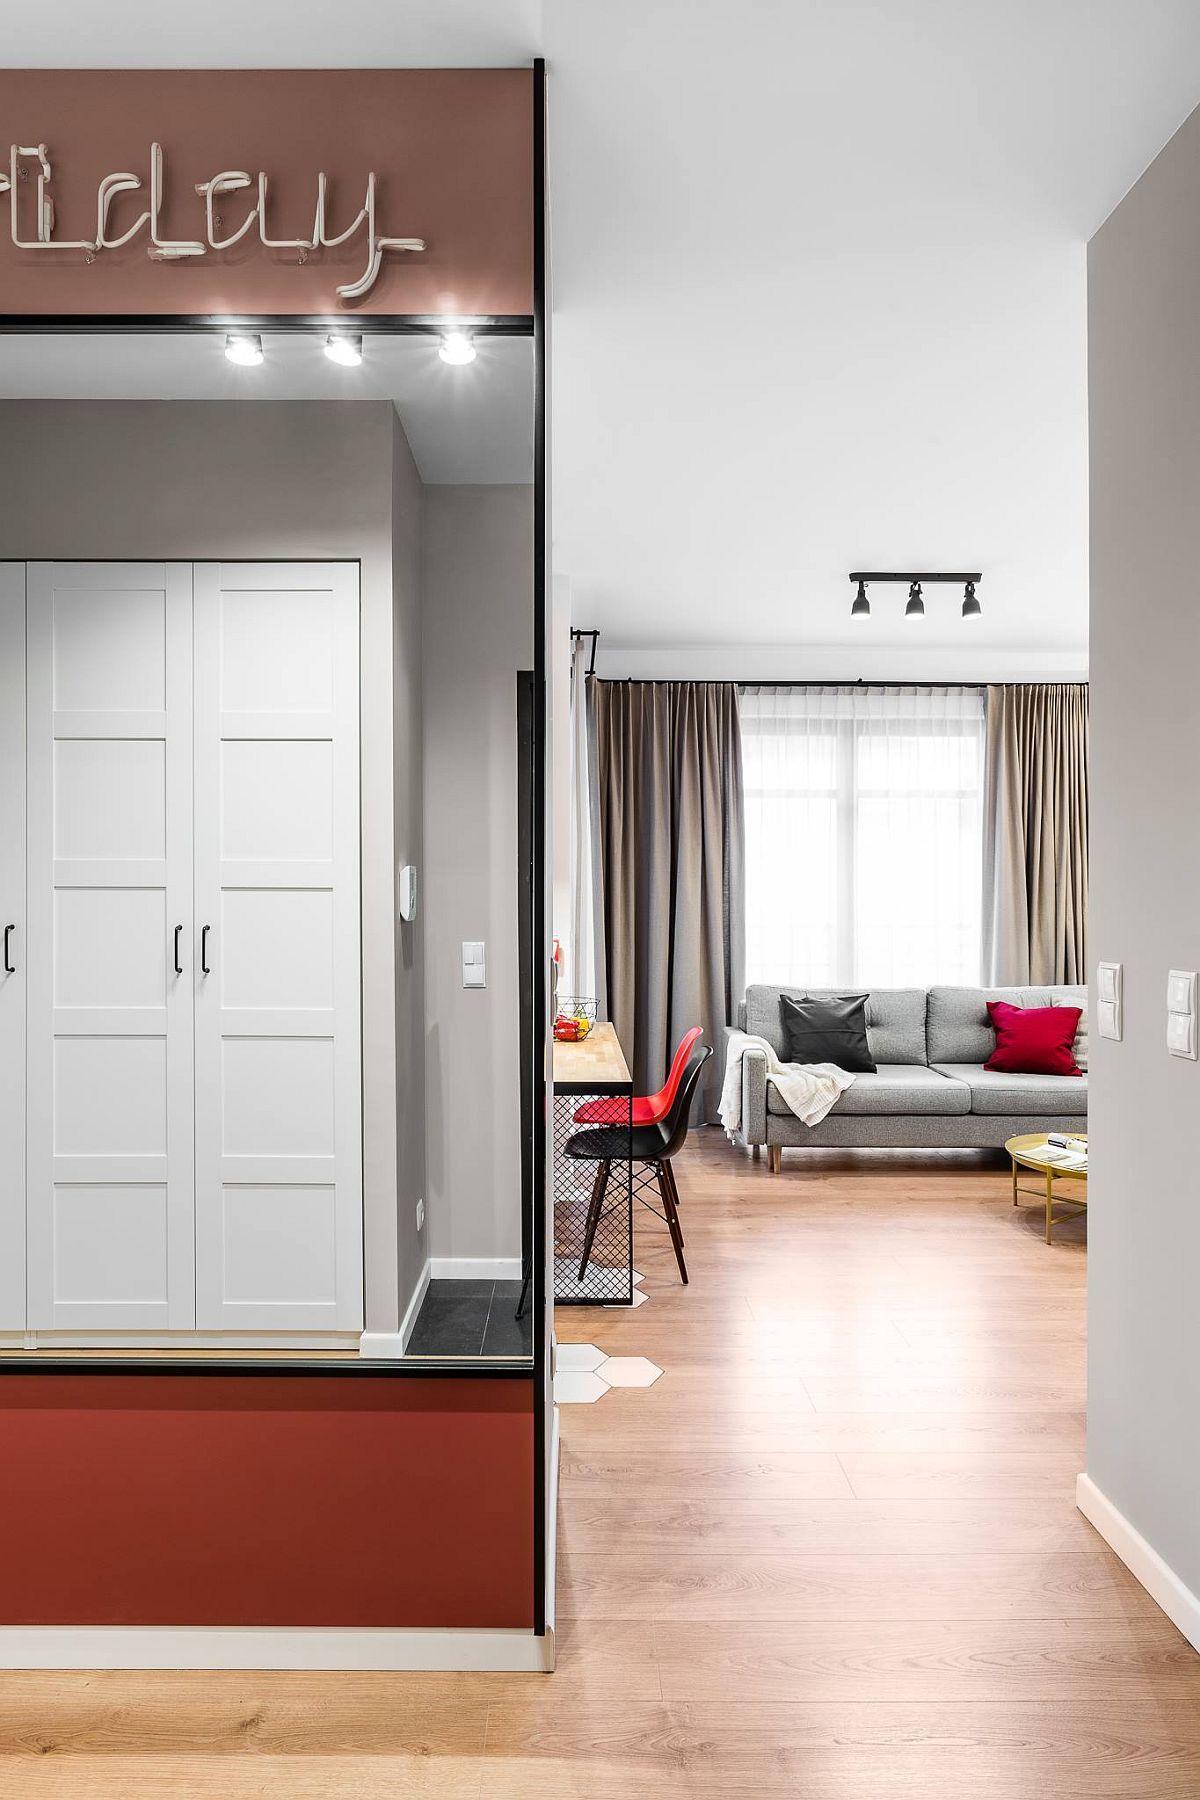 Zona de zi este separată față de cea de noapte prin hol, de unde se deschid dormitorul în dreapta și baia în stânga. Holul beneficiază de un decor în acord cu restul amenajării, peretele ce ascunde bucătăria fiind placat cu oglinzi.